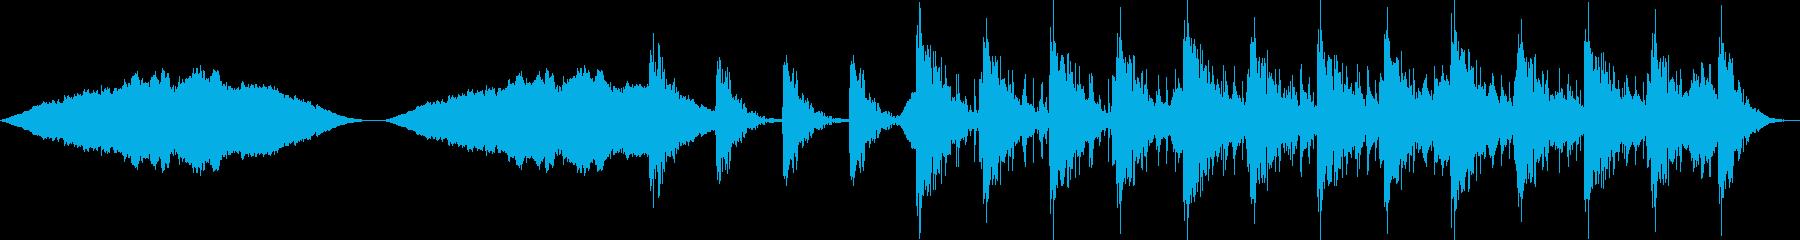 ドキドキするドラムと抜群の和音によ...の再生済みの波形